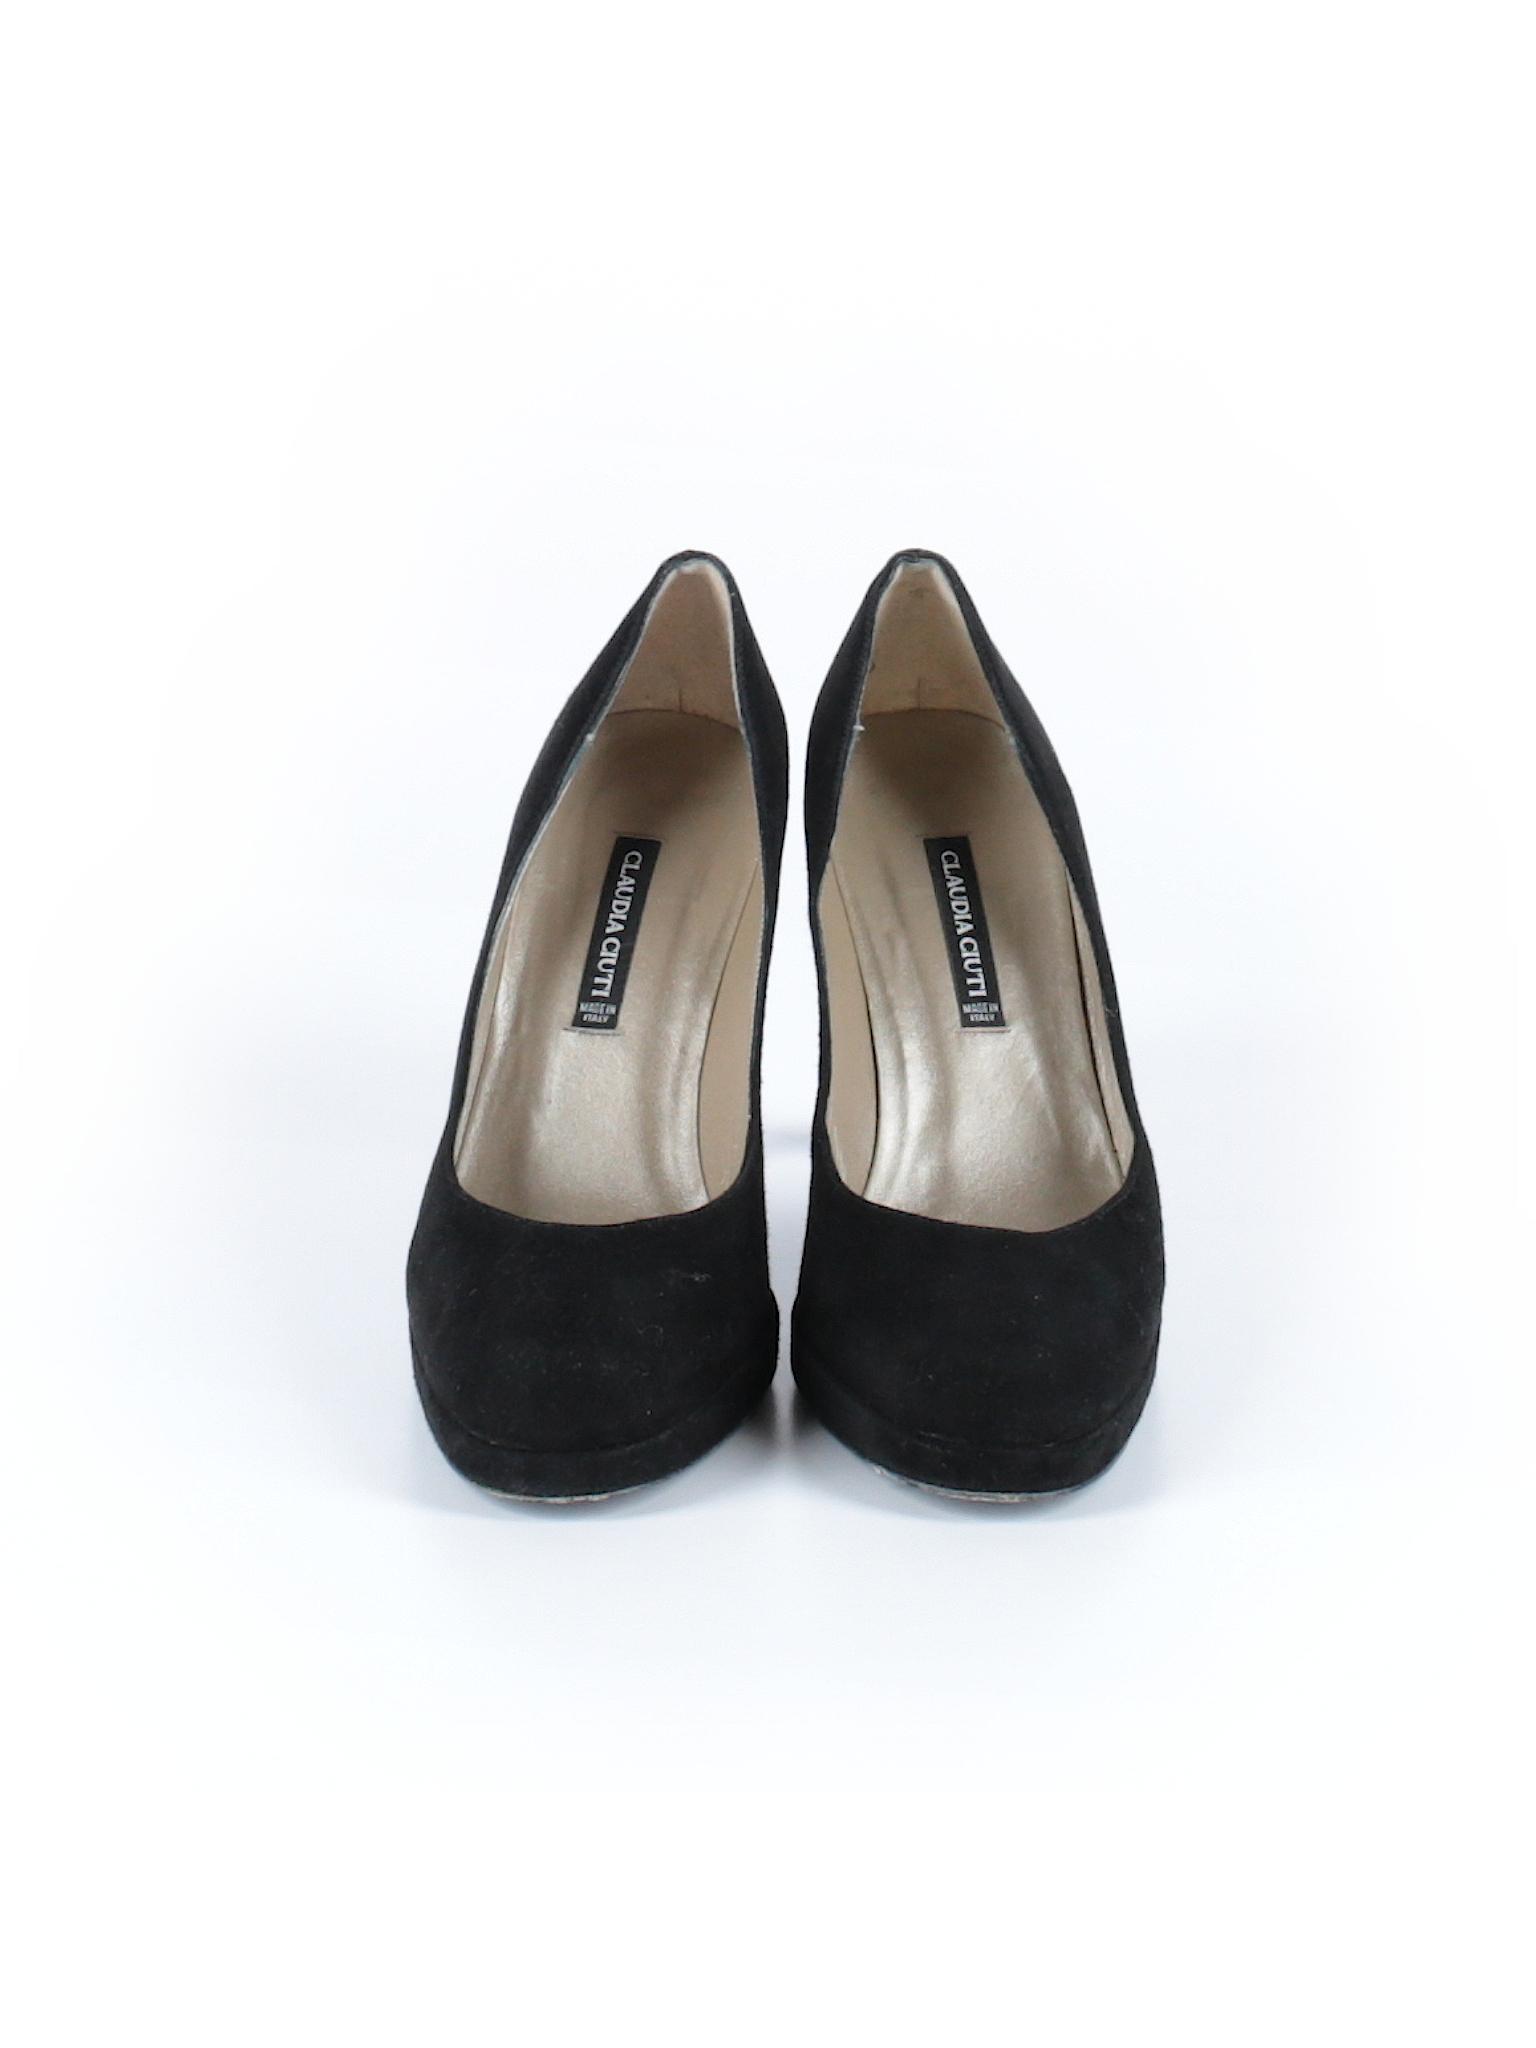 promotion Heels Boutique Boutique Claudia promotion Ciuti qwSBz7WF